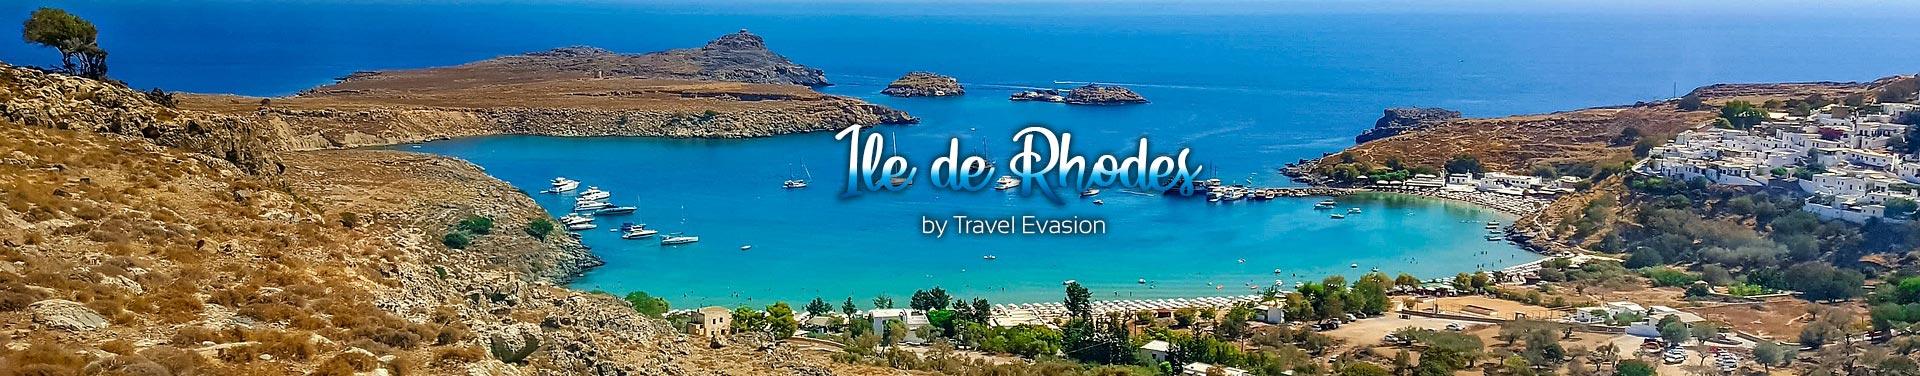 Voyages à Rhodes en Grèce. Visiter Rhodes Lindos et les merveilles de l'ile.